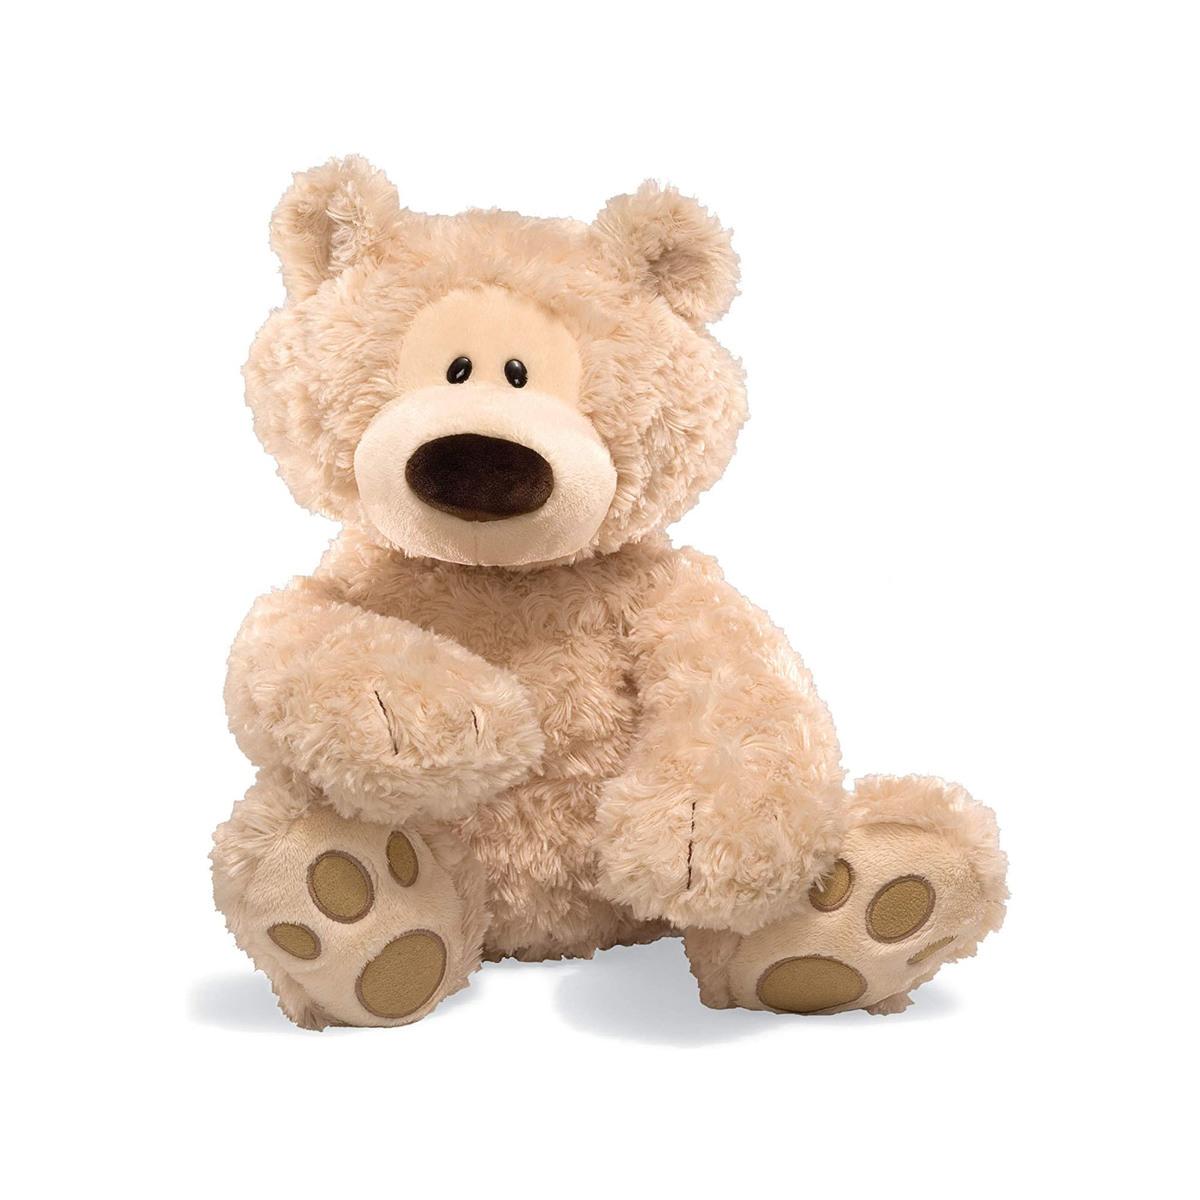 Gund Philbin Bear Plush Toy - Beige